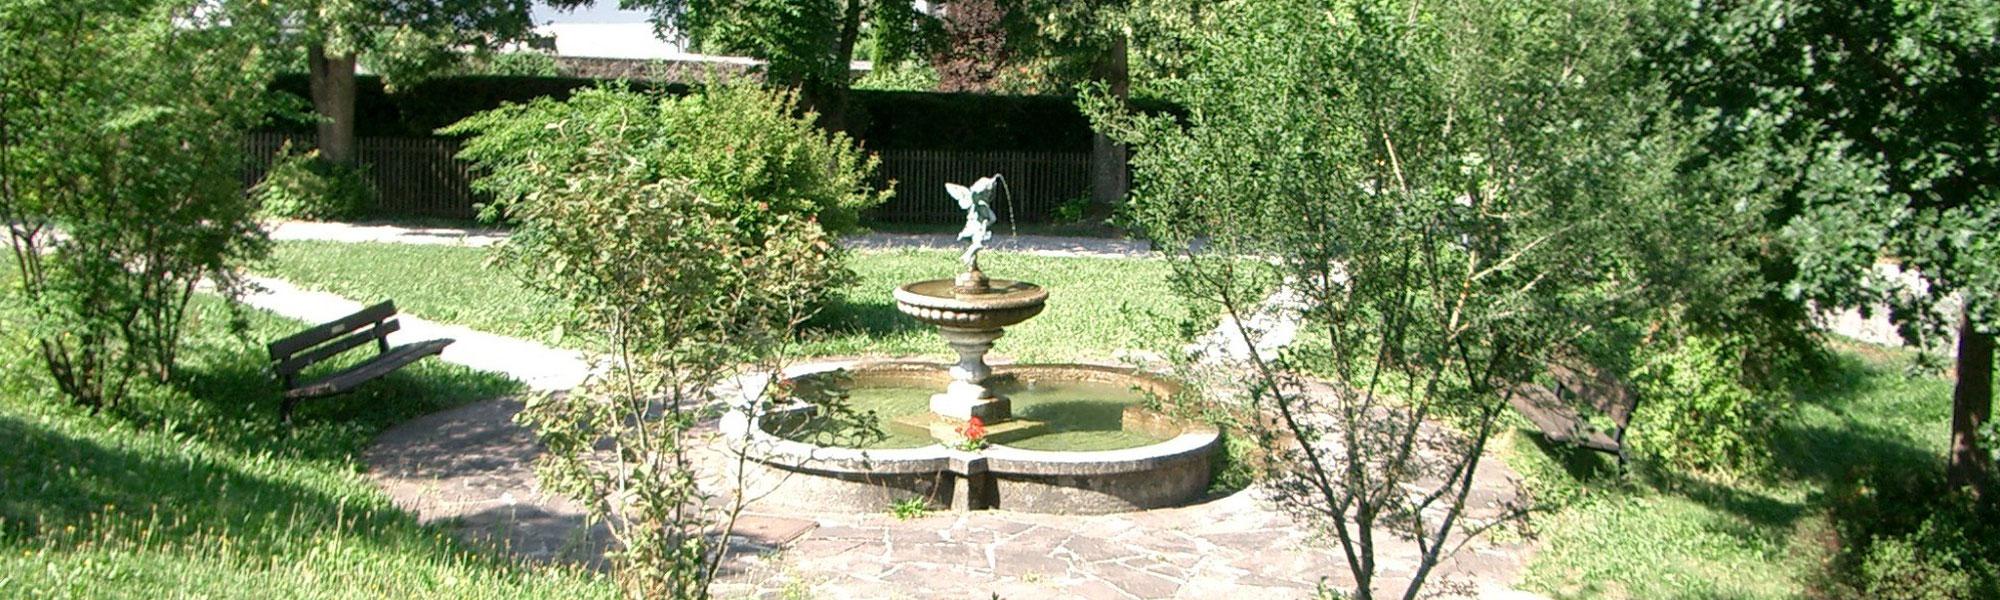 Bernheimer-Brunnen